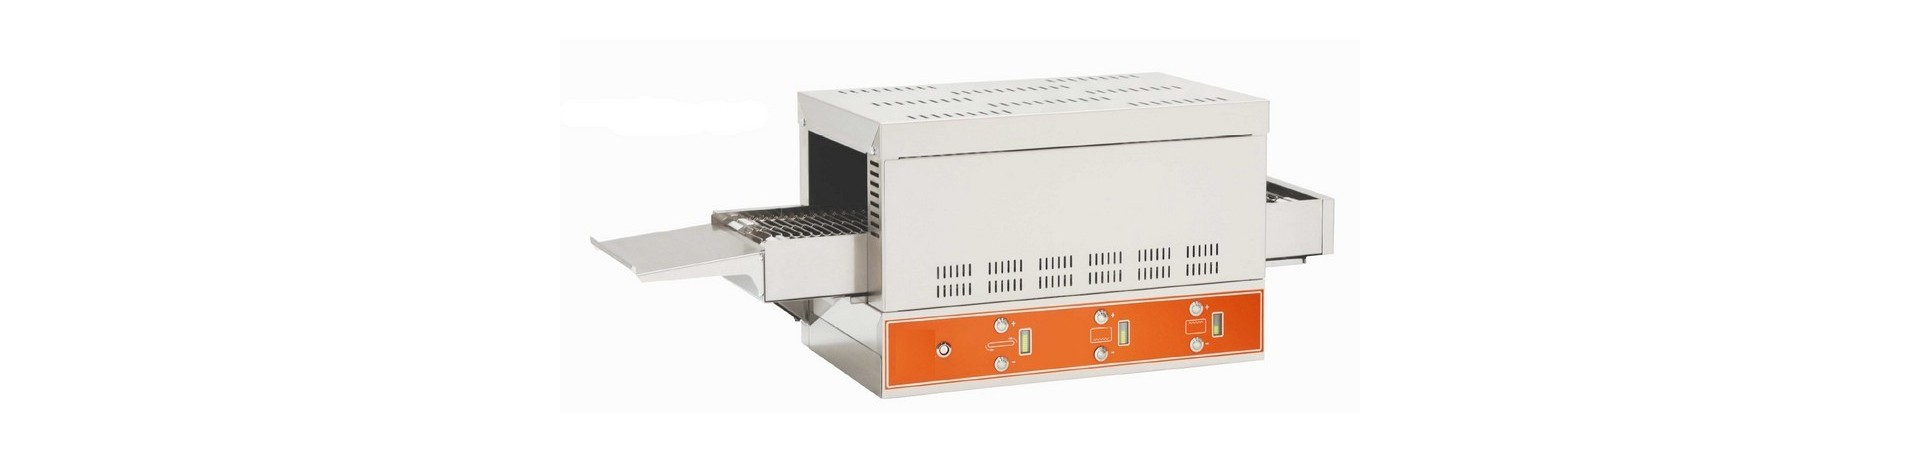 Tostadores eléctricos o a gas, online con garantía y envío rápido